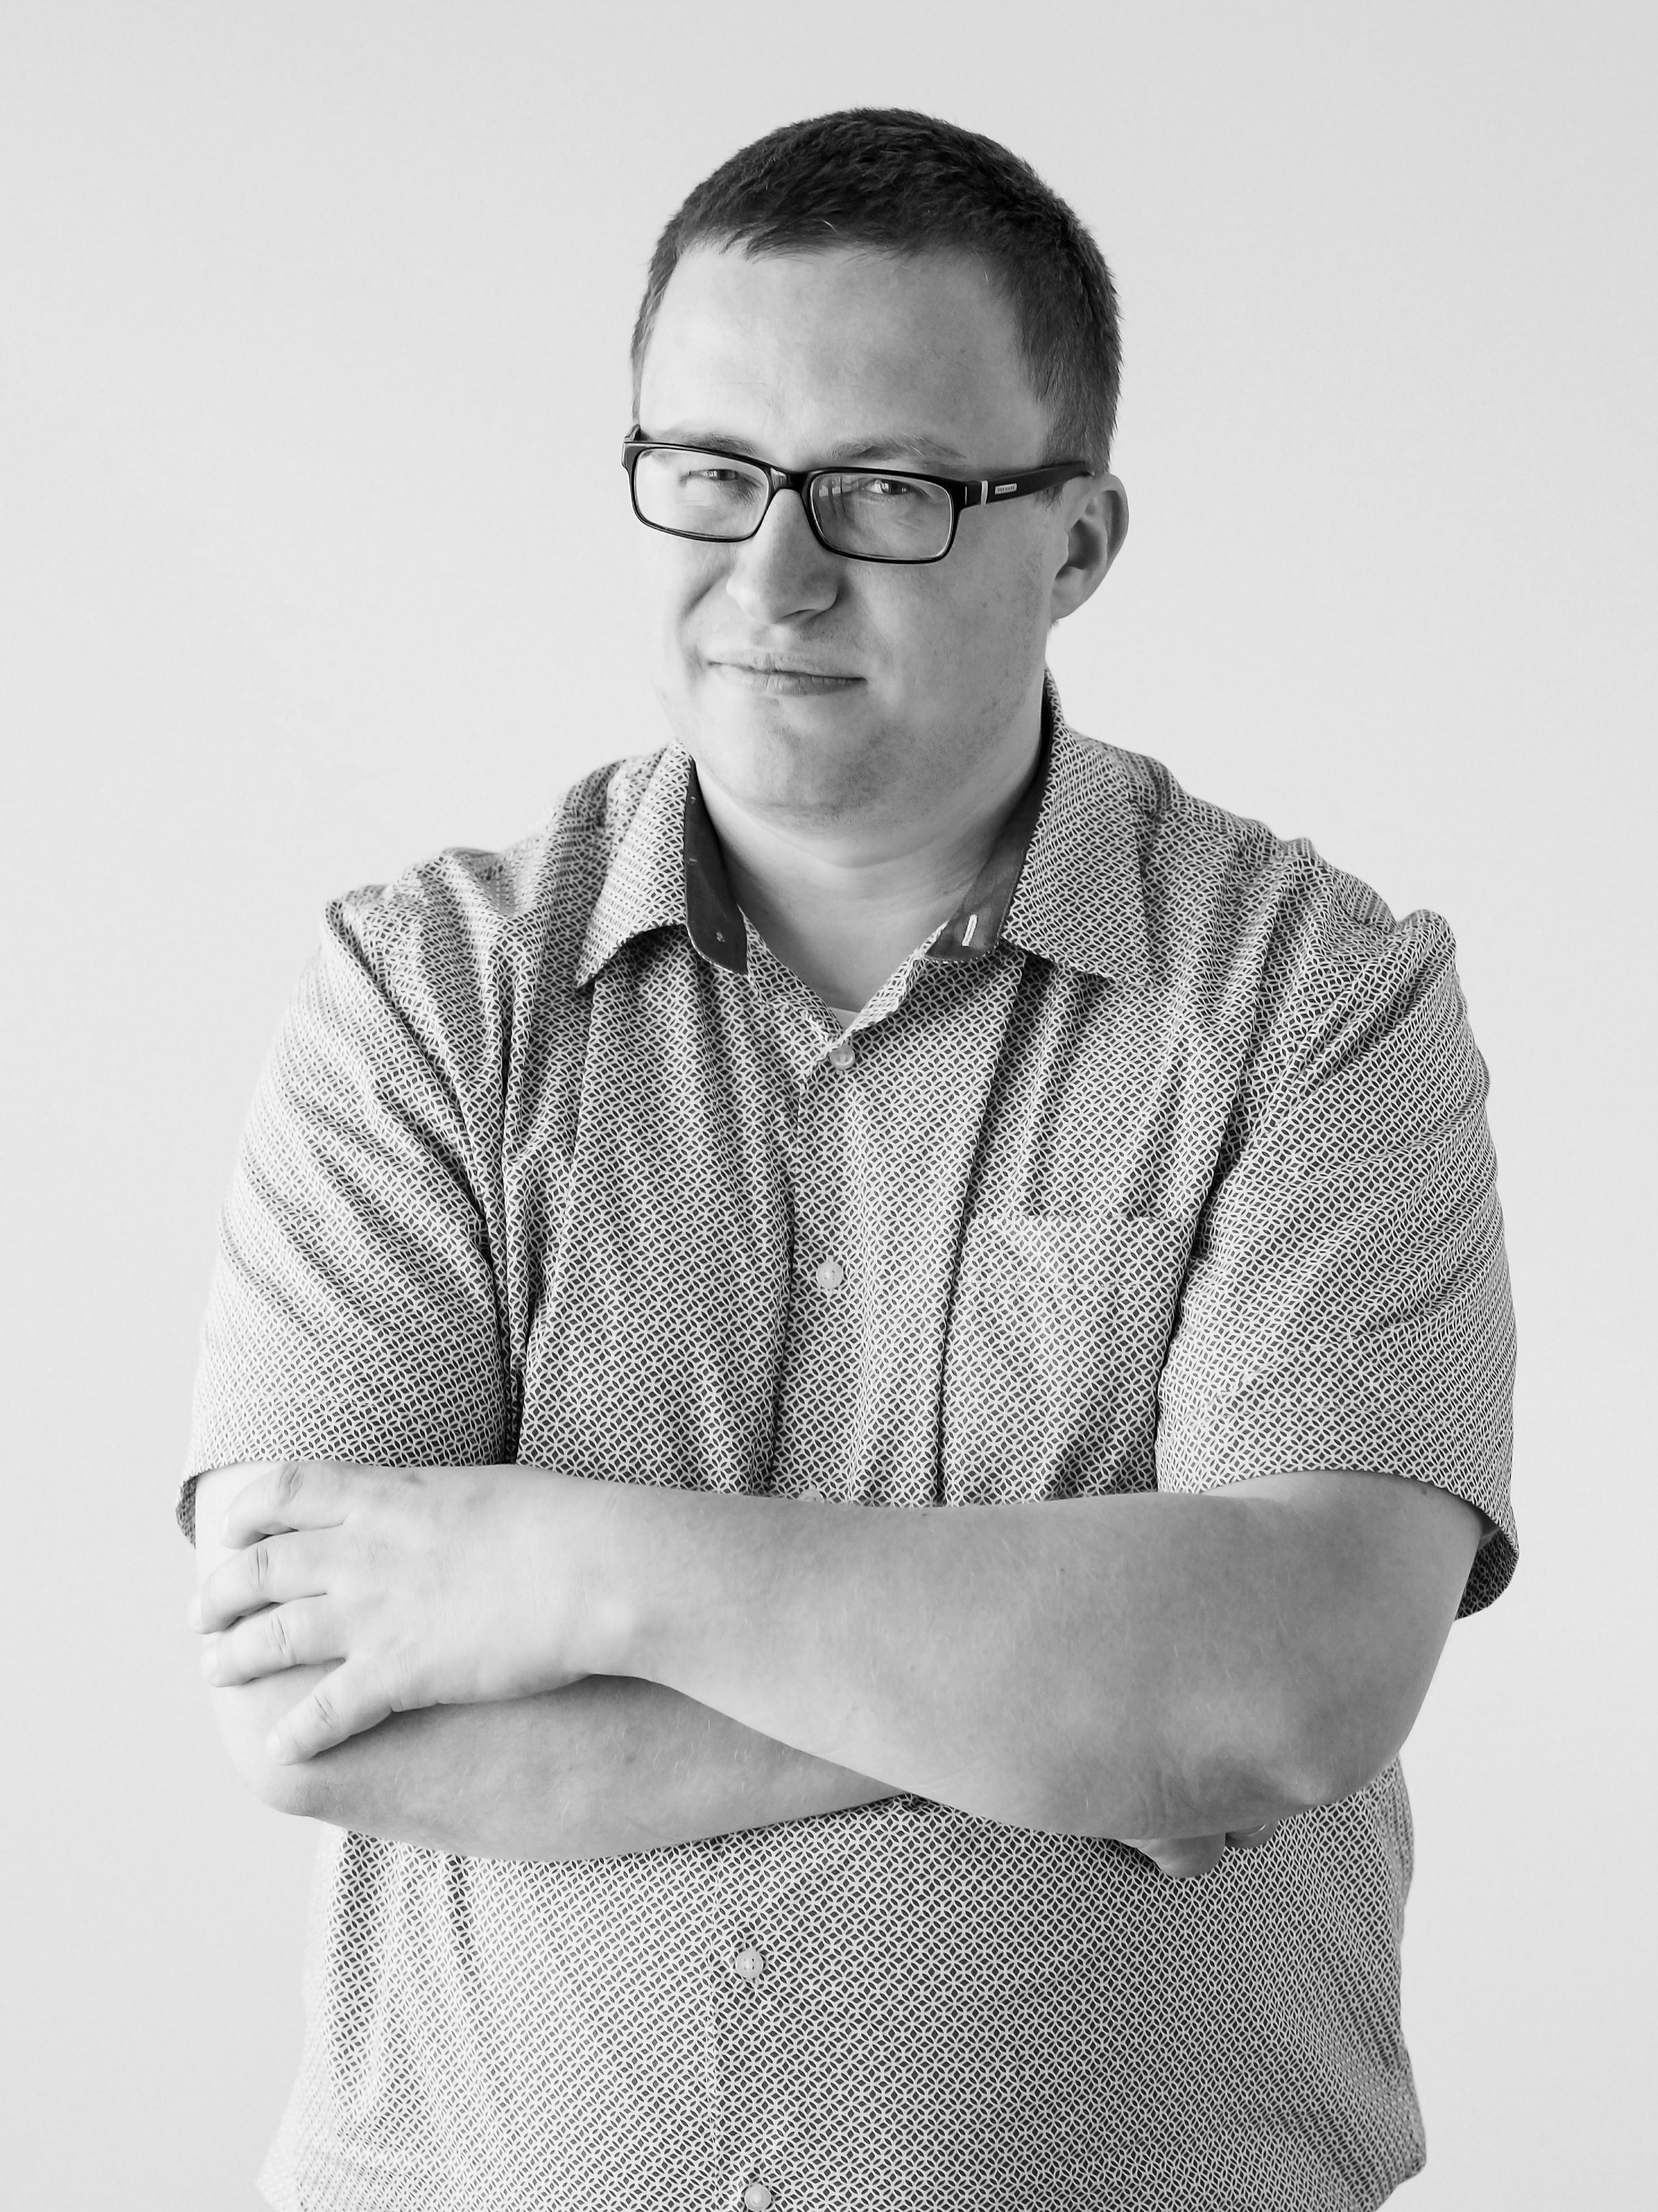 Andrzej Manoryk